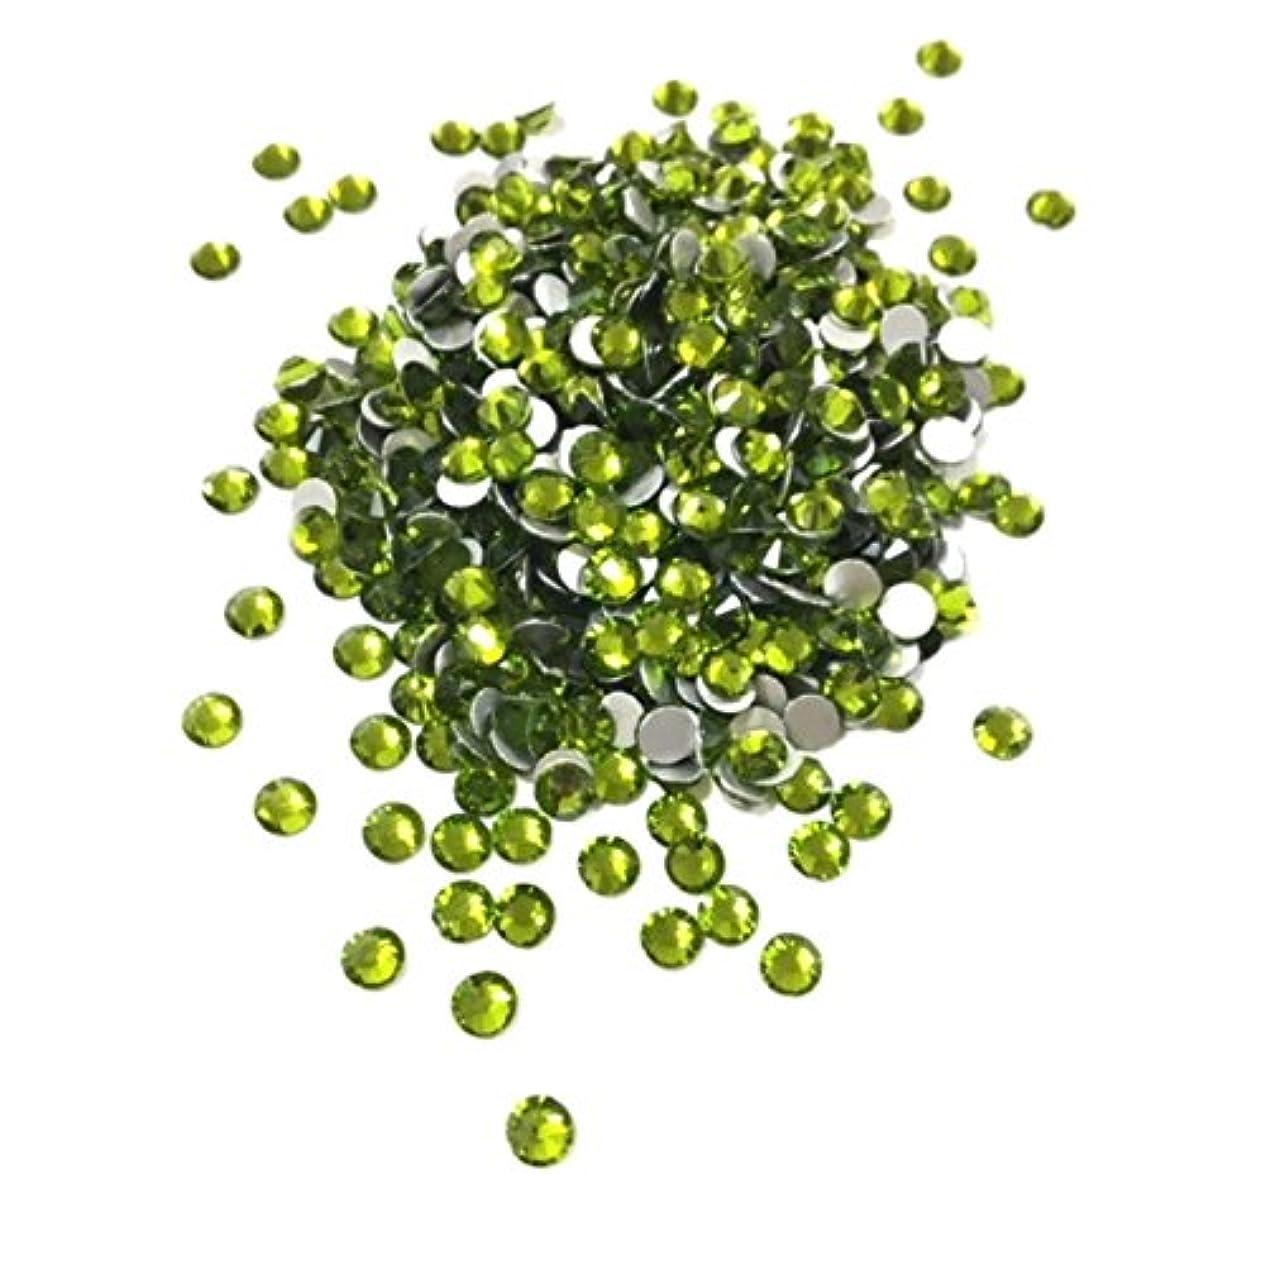 無臭転用有彩色の【ネイルウーマン】最高品質ガラスストーン!スワロ同等の輝き! オリーブ 緑 グリーン (約100粒入り) (SS6, オリーブ)